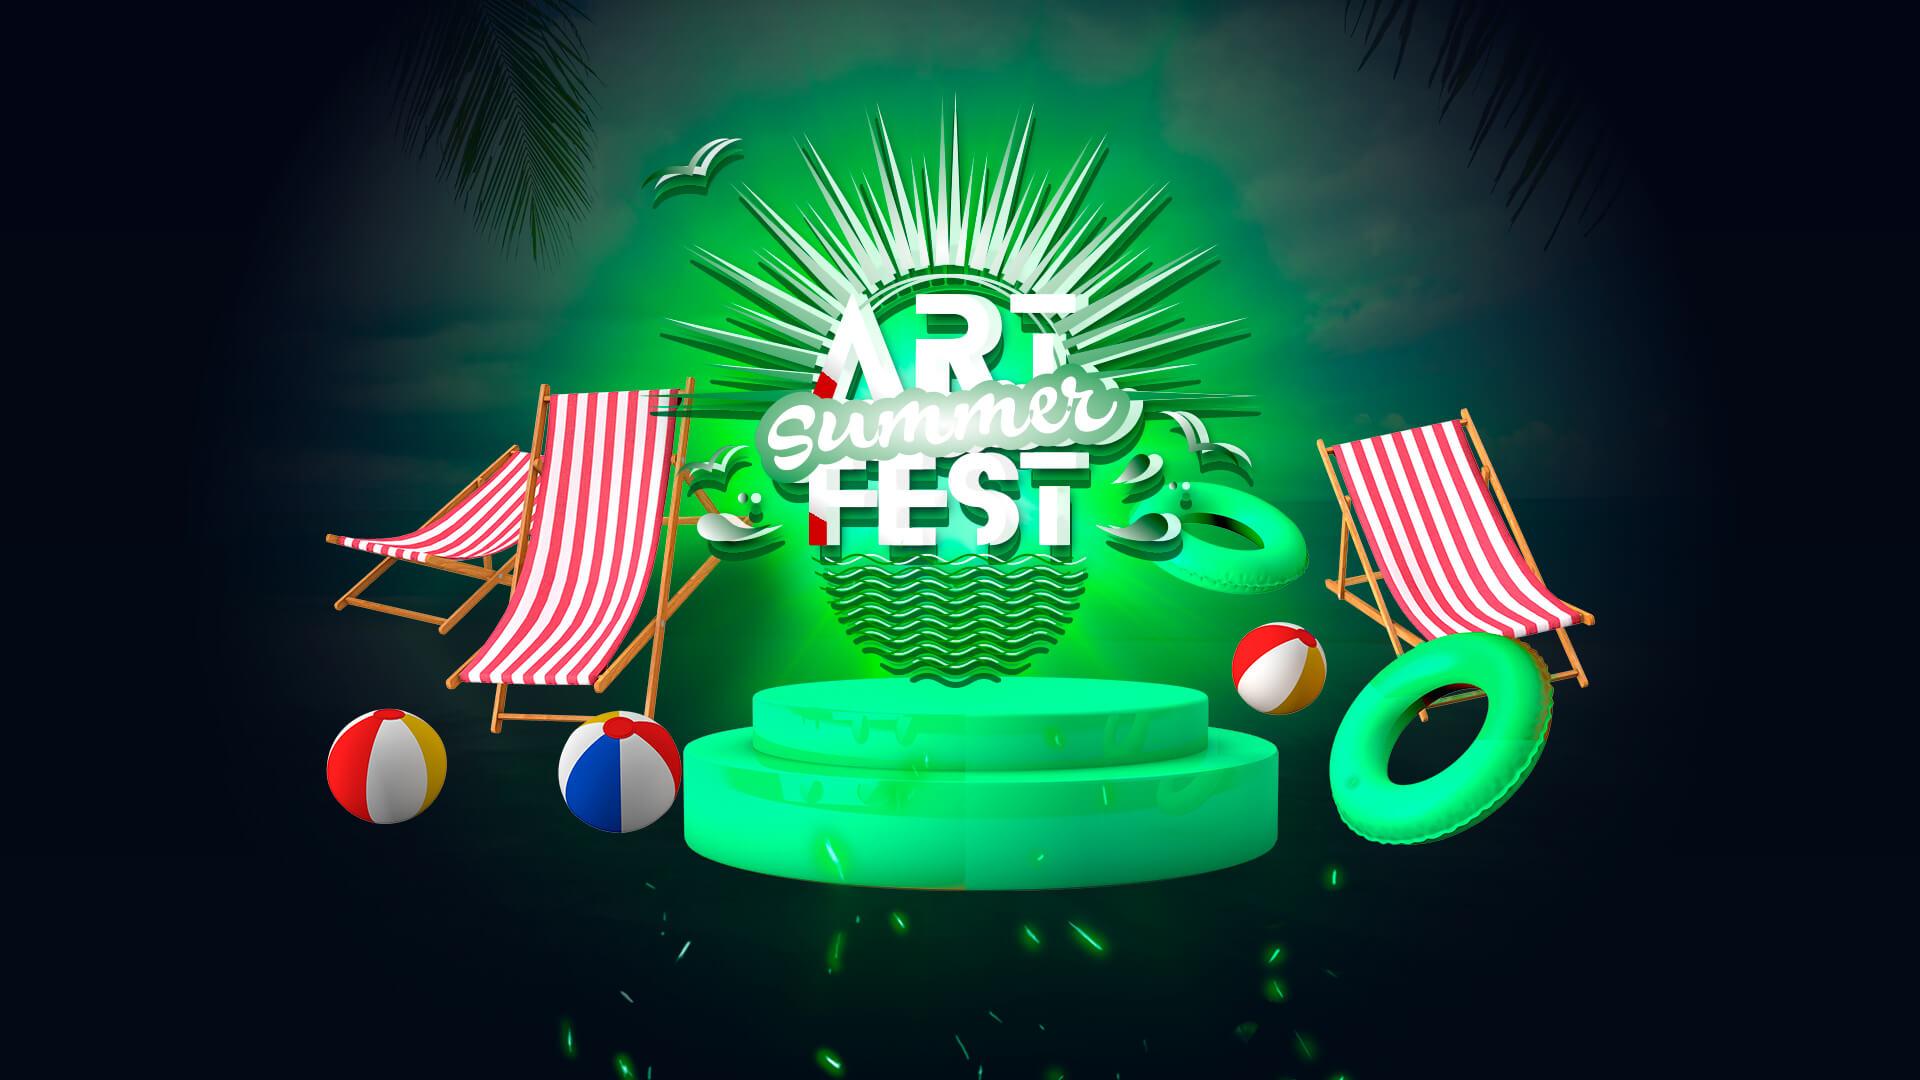 ART-SUMMER-FEST